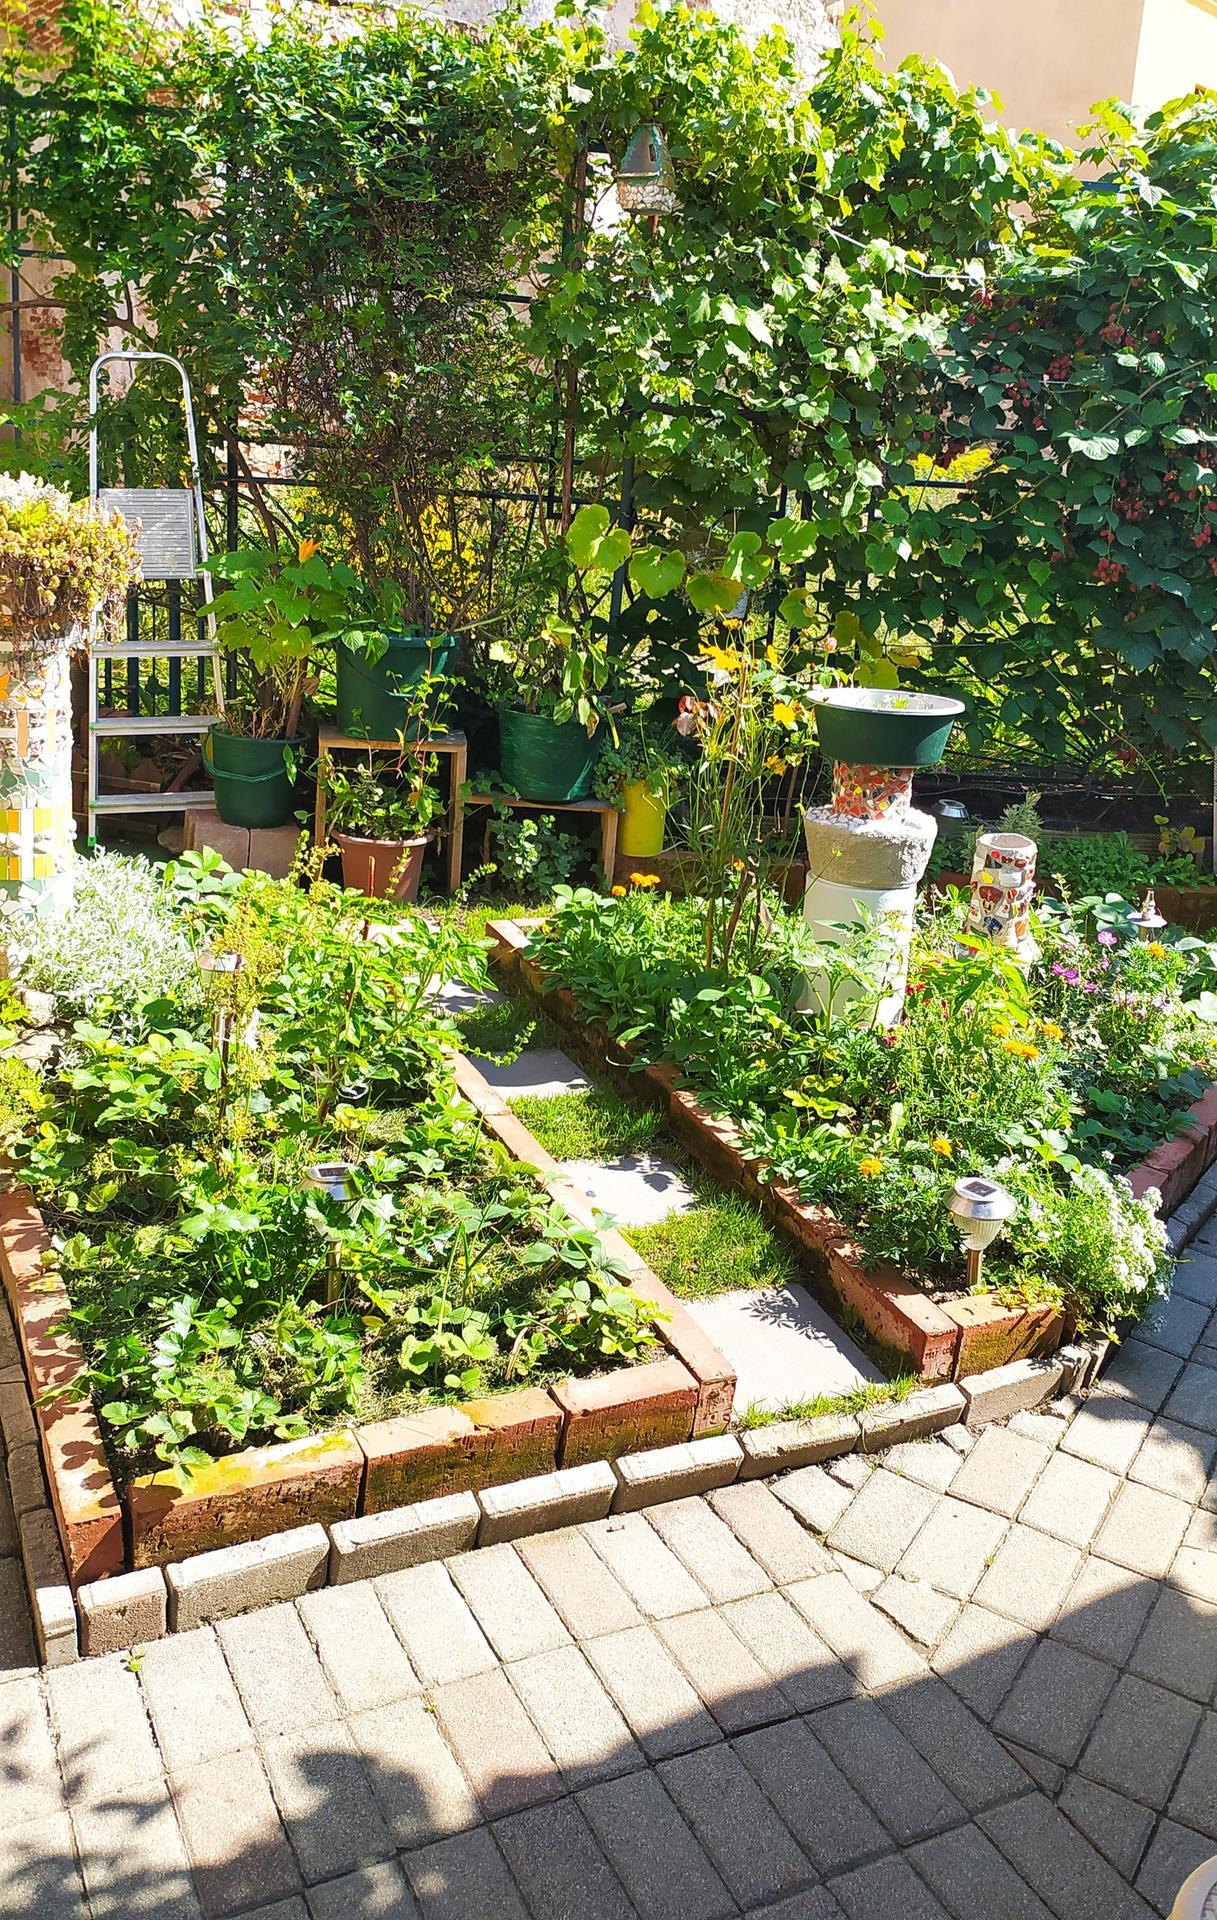 Moja záhradka,moja radosť,relax. - Obrázok č. 6